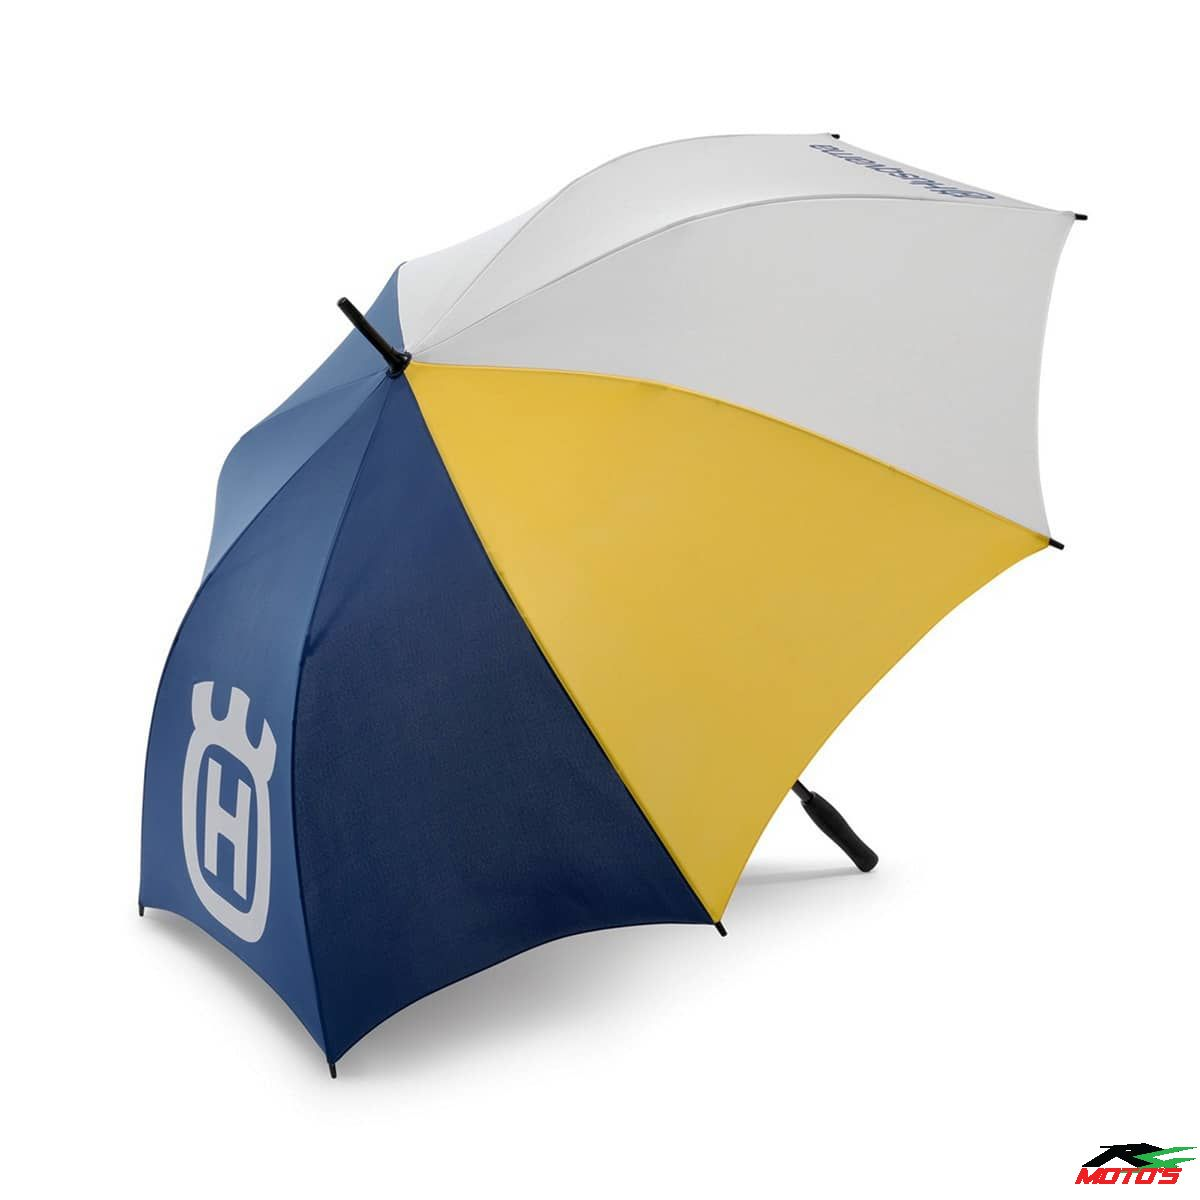 Husqvarna Umbrella - 3HS1470500